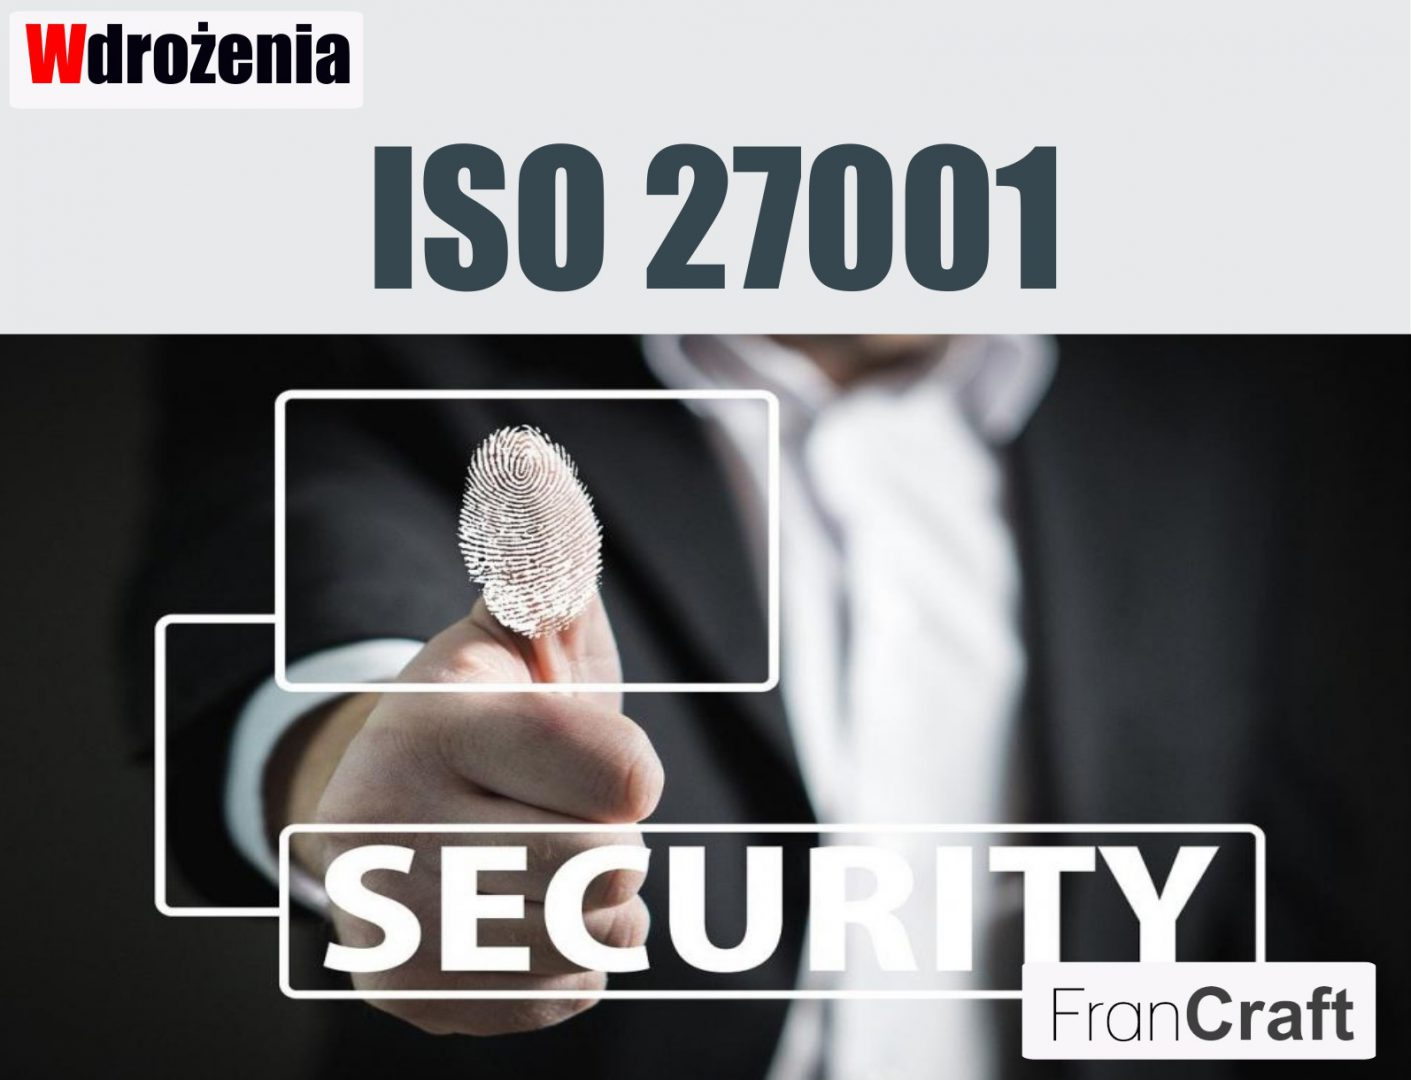 wdrażanie normy ISO 27001 zarządzanie bezpieczeństwem informacji